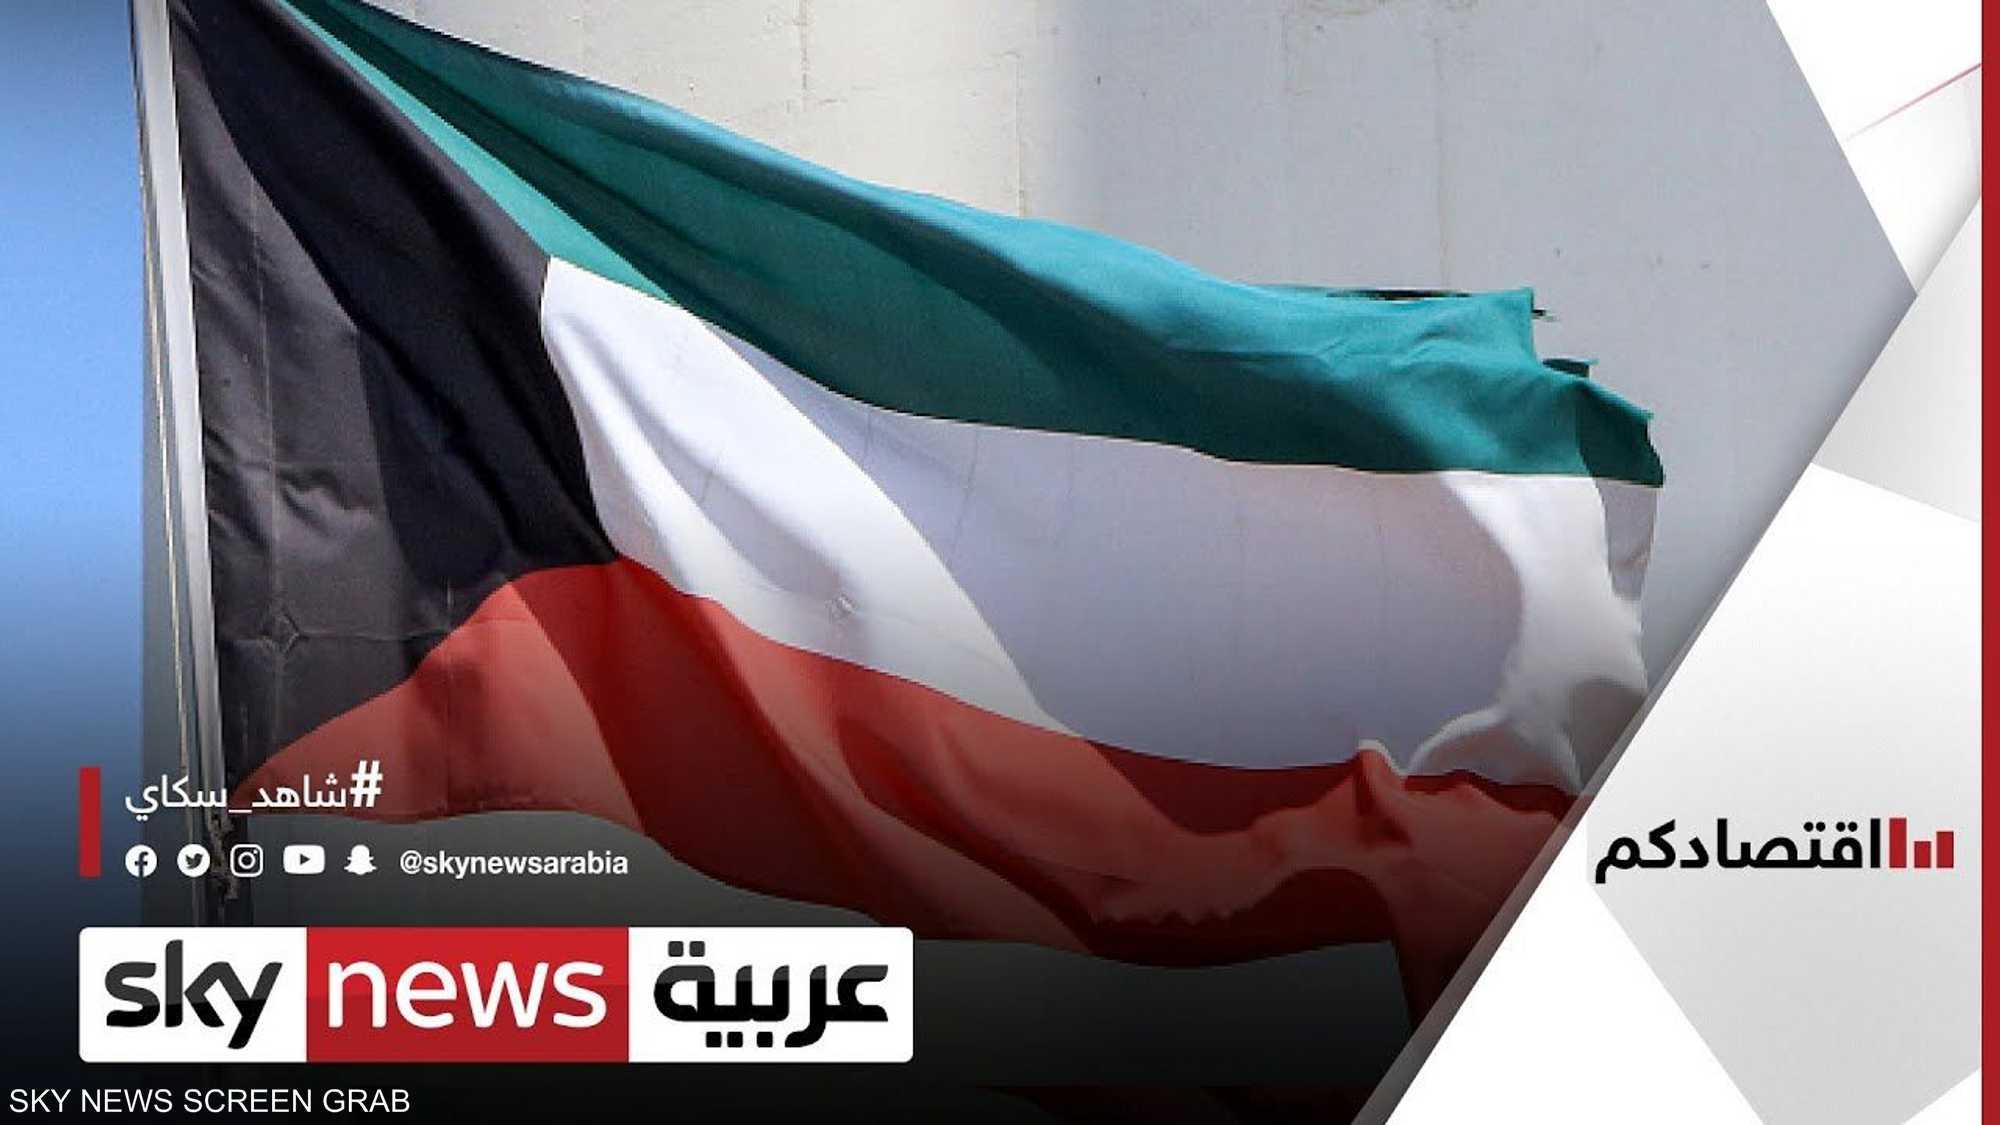 القطاع العقاري الكويتي يصمد في وجه أزمة كورونا